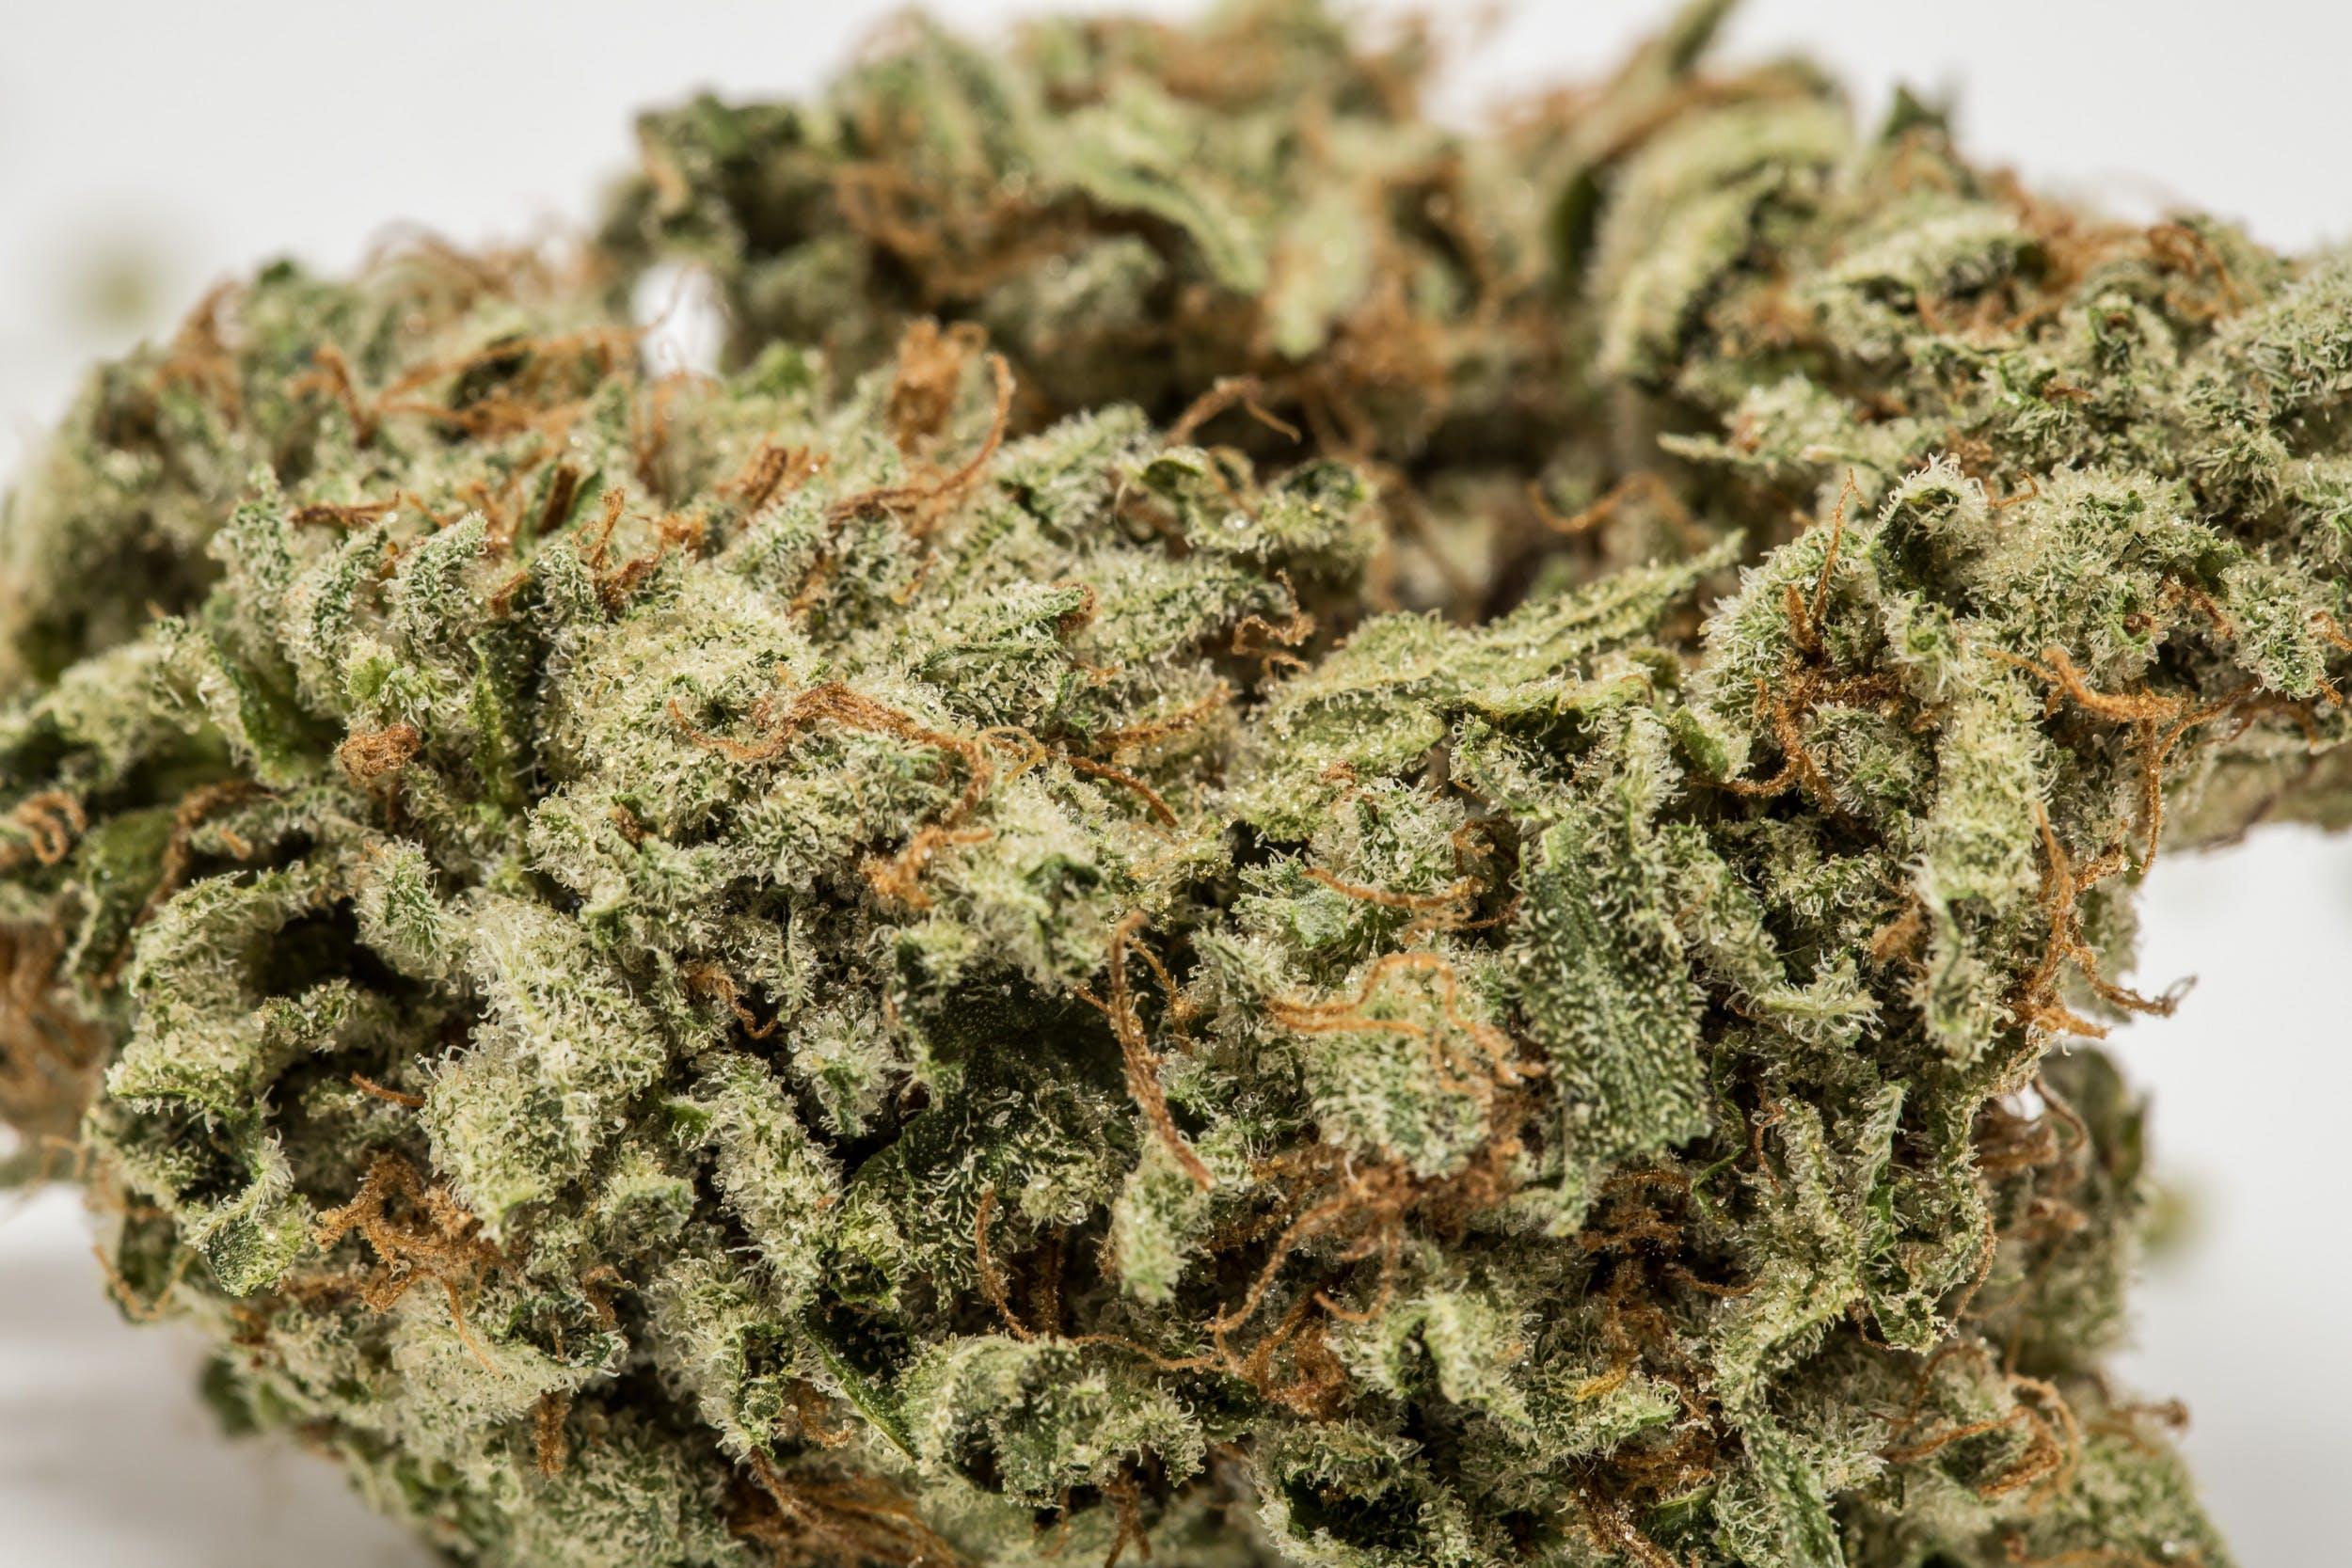 LA Confidential Weed; LA Confidential Cannabis Strain; LA Confidential Indica Marijuana Strain